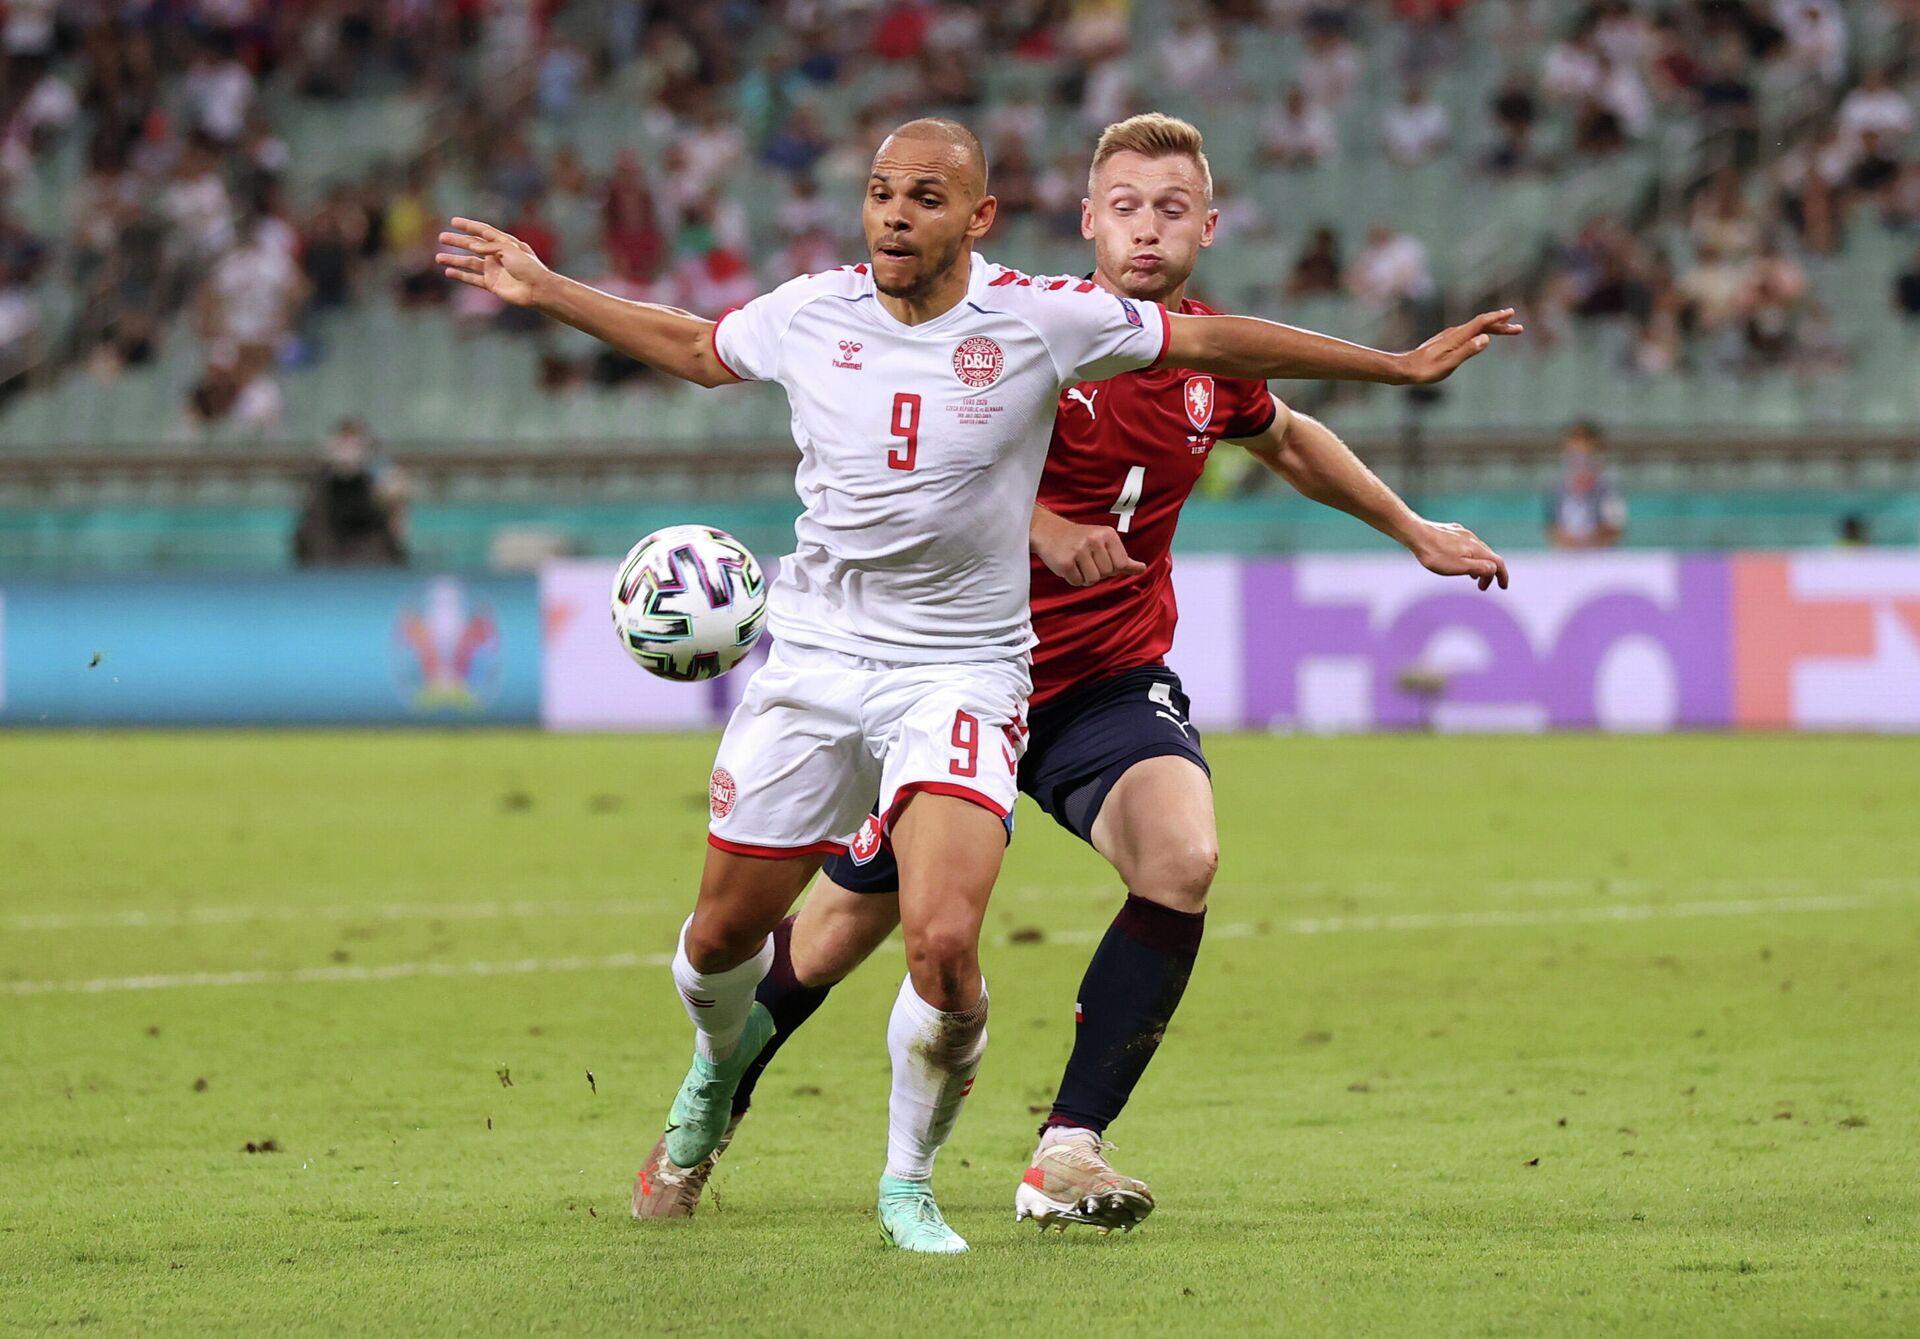 Дания обыграла Чехию в 1/4 финала Евро-2020 - Sputnik Беларусь, 1920, 03.07.2021